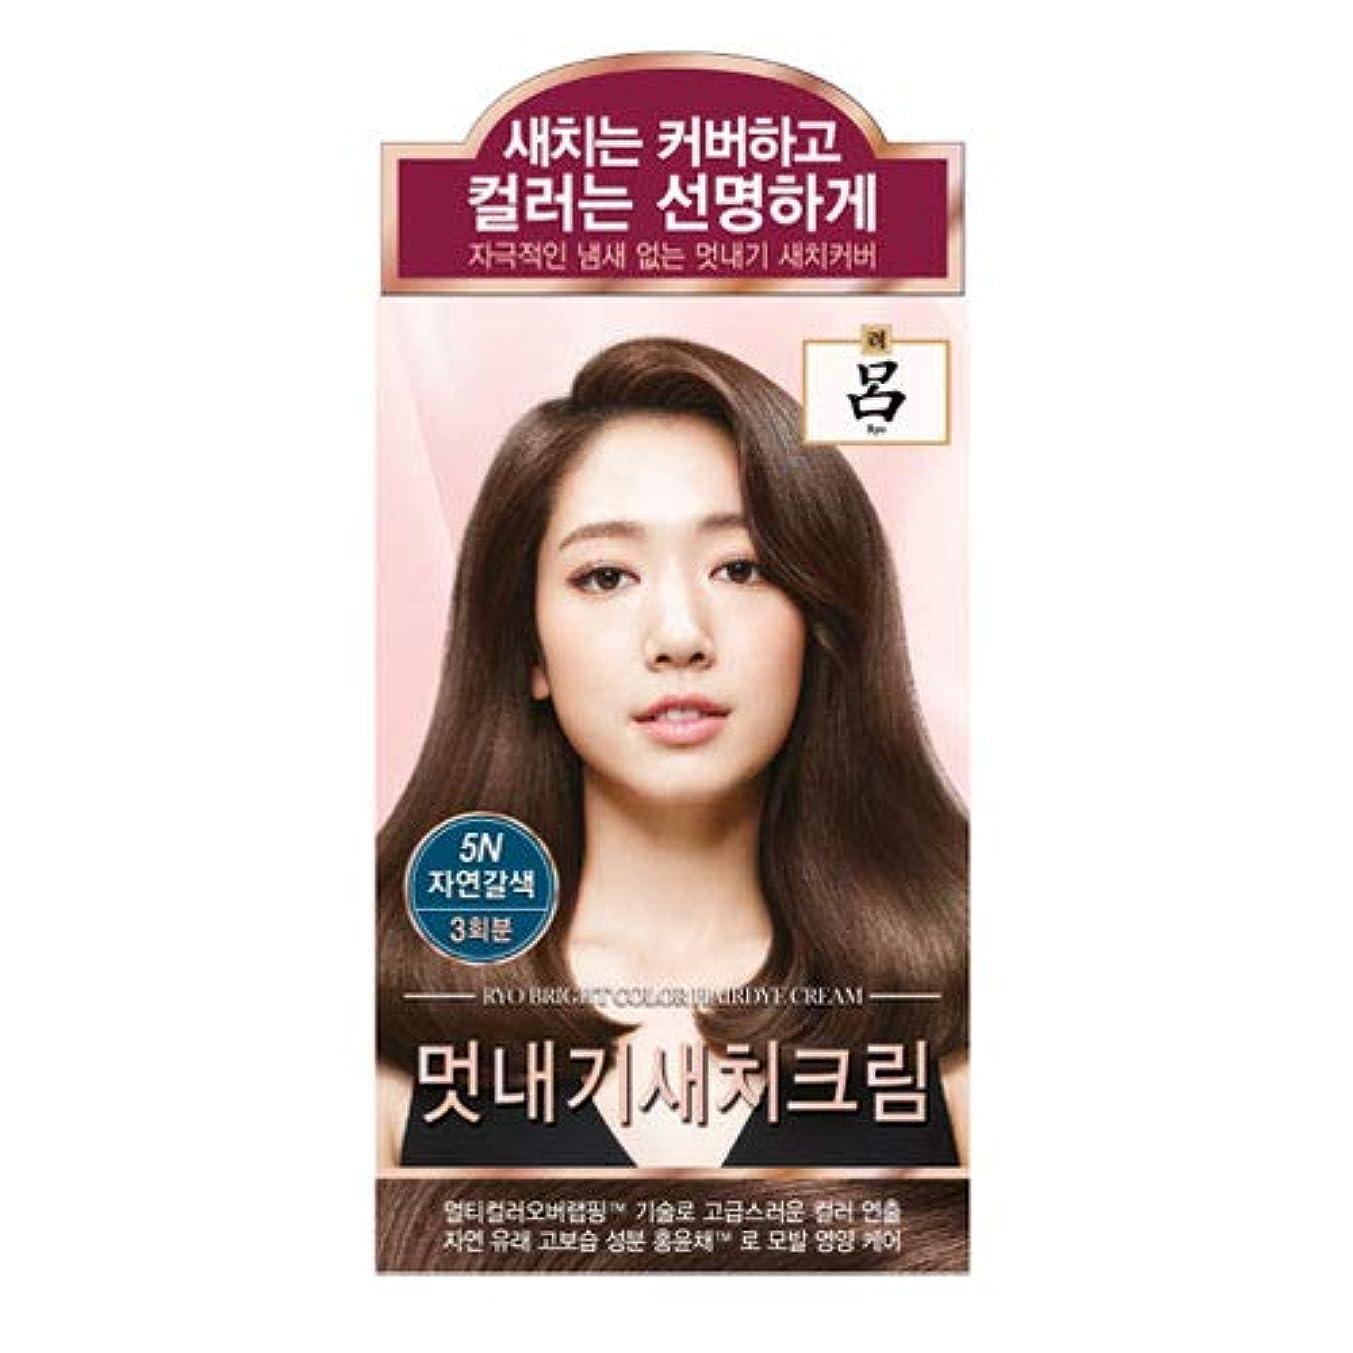 出口青見てアモーレパシフィック呂[AMOREPACIFIC/Ryo] ブライトカラーヘアアイクリーム 5N ナチュラルブラウン/Bright Color Hairdye Cream 5N Natural Brown